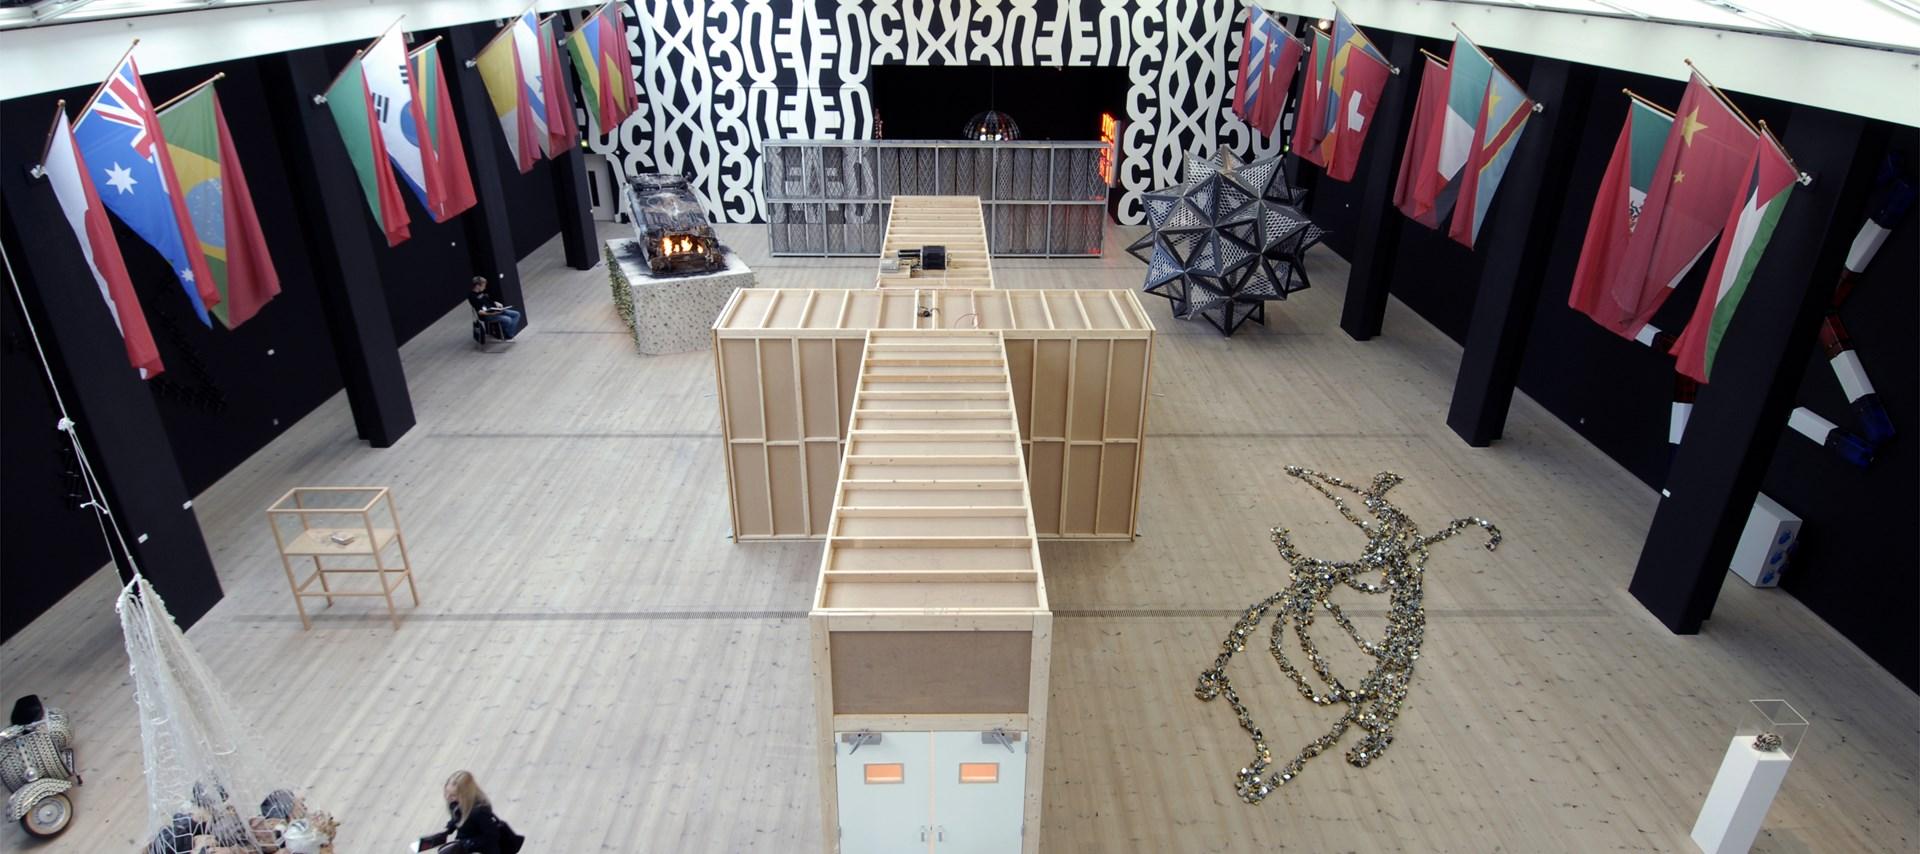 Kendell Geers: Irrespektiv: Exhibition image by Colin Davison